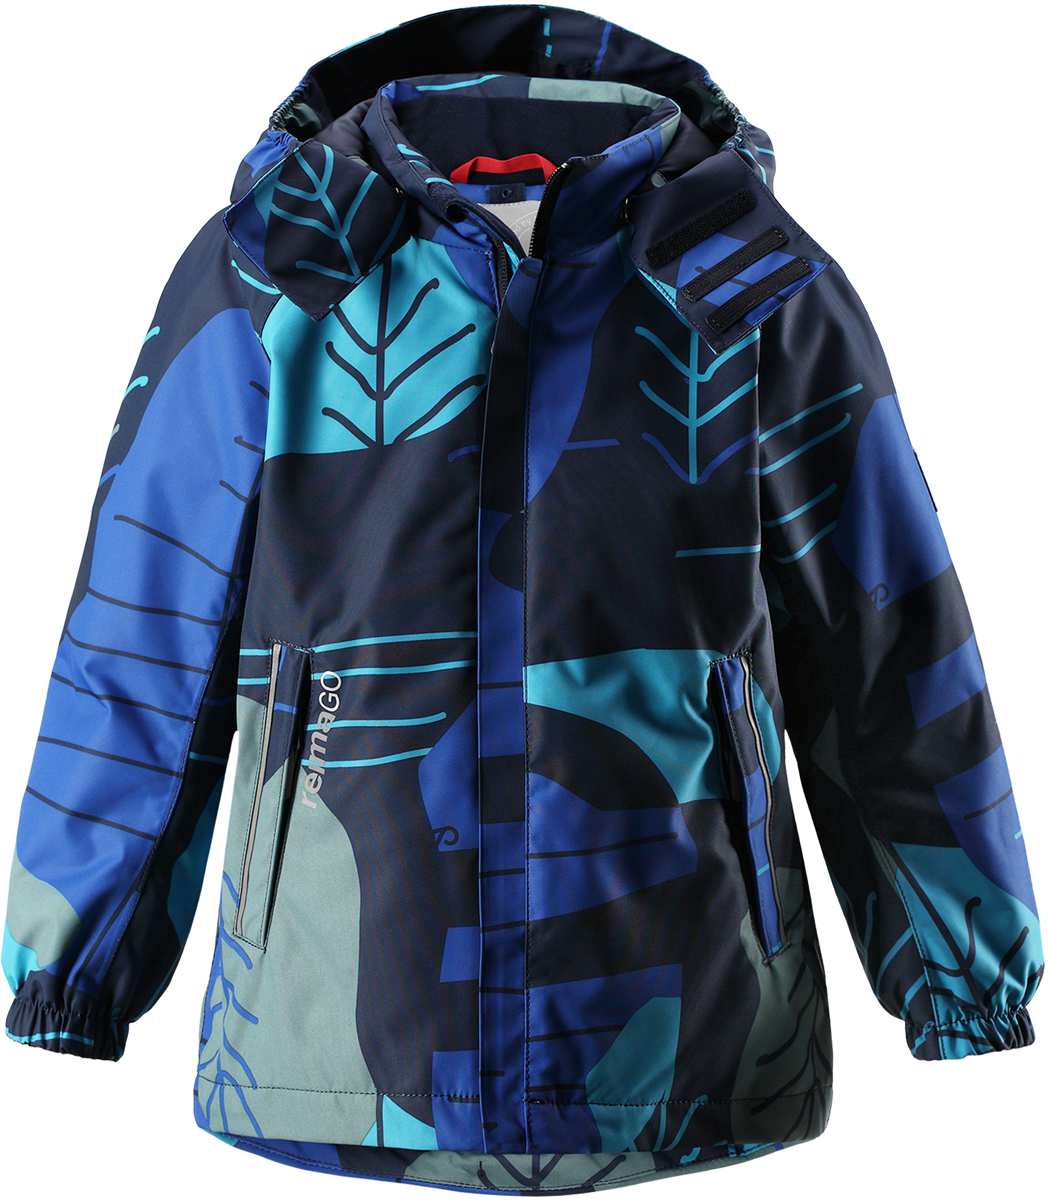 Куртка для мальчика Reima Reimatec Korte, цвет: синий. 521533R6982. Размер 152521533R6982Абсолютно водо- и ветронепроницаемая демисезонная куртка Reimatec. Все швы в ней запаяны, а сама она снабжена множеством практичных деталей, например, съемным капюшоном, который легко отстегивается, если за что-нибудь зацепится. Эластичные манжеты и регулируемый подол не пропускают ветер. Ну а карманы на молнии надежно сохранят ключи от дома и найденные на прогулке сокровища. В этой куртке даже дождь не помешает веселым играм на улице!